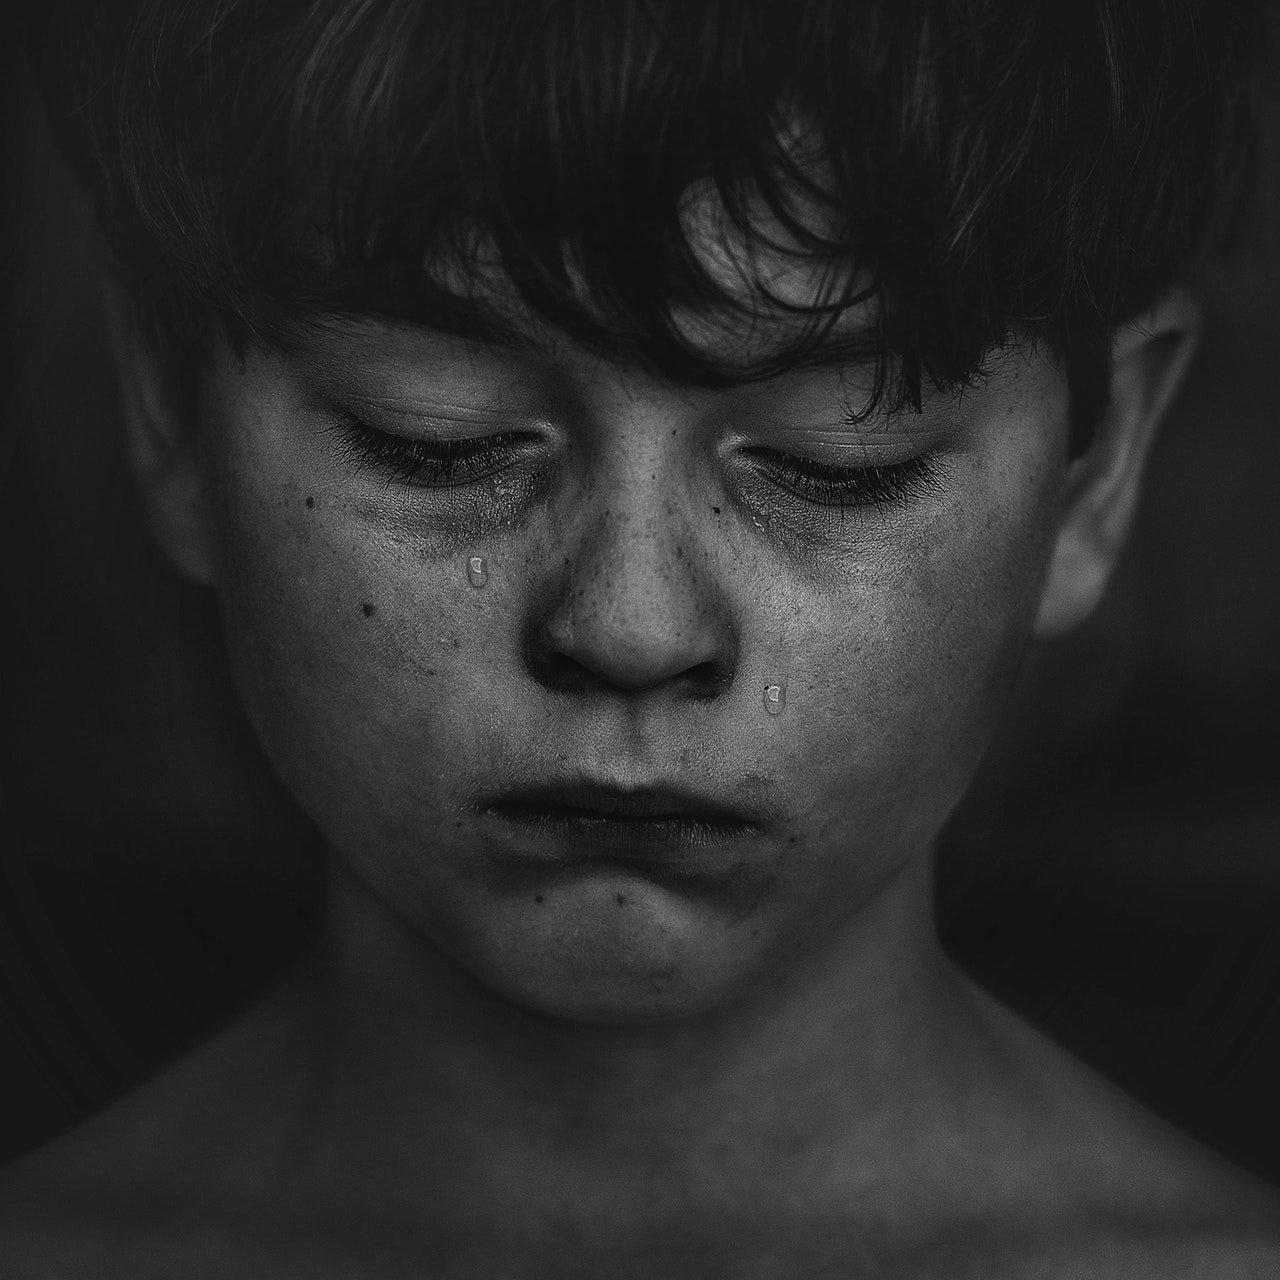 Criança chorando olhando para baixp